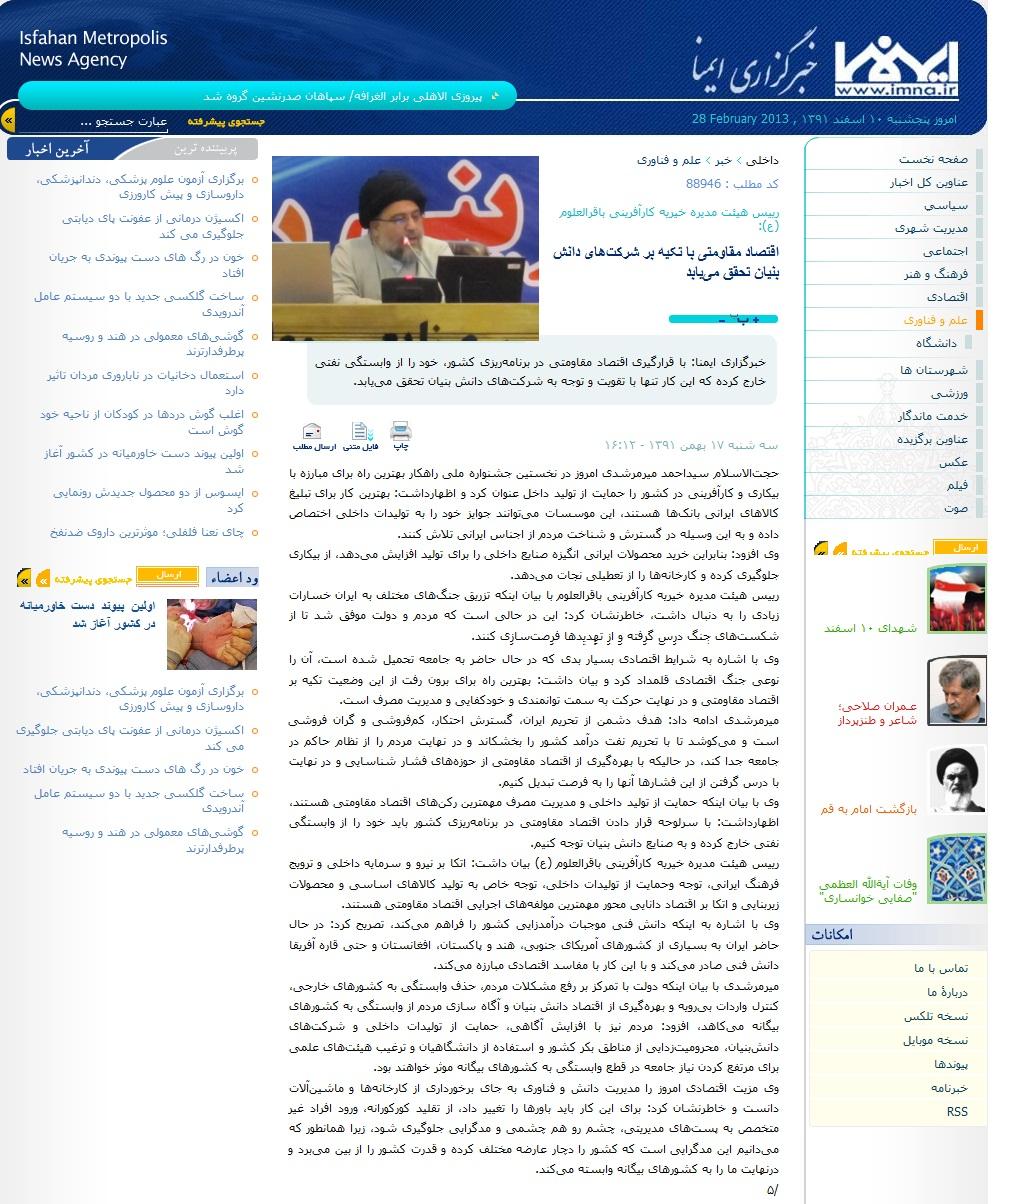 http://www.n-javan.com/khabargozariha/imna-mirmorshedi.jpg